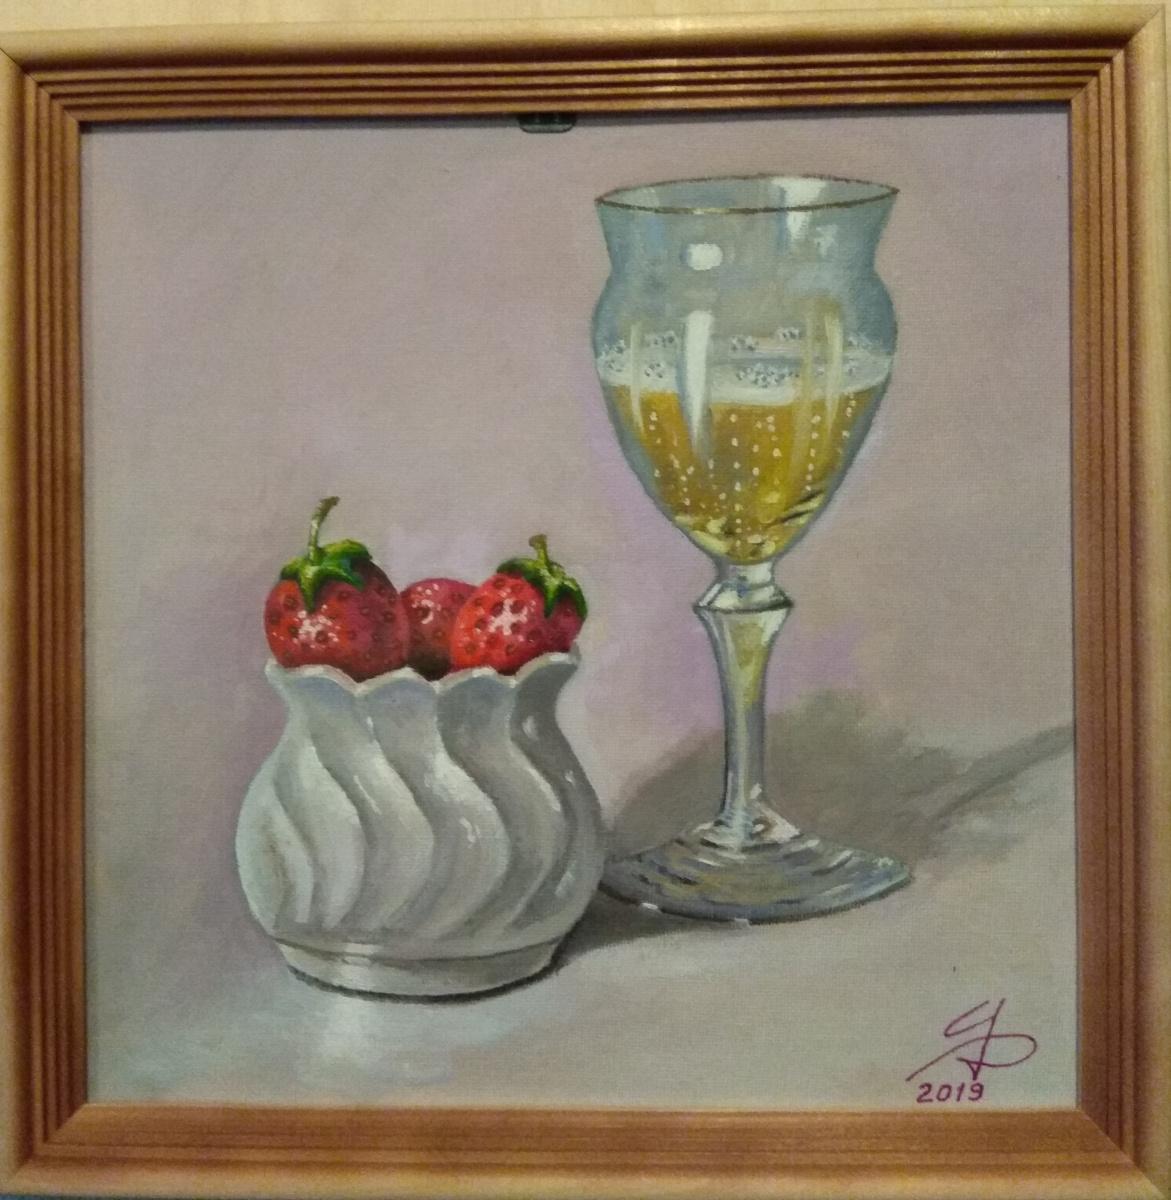 Unknown artist. Strawberry